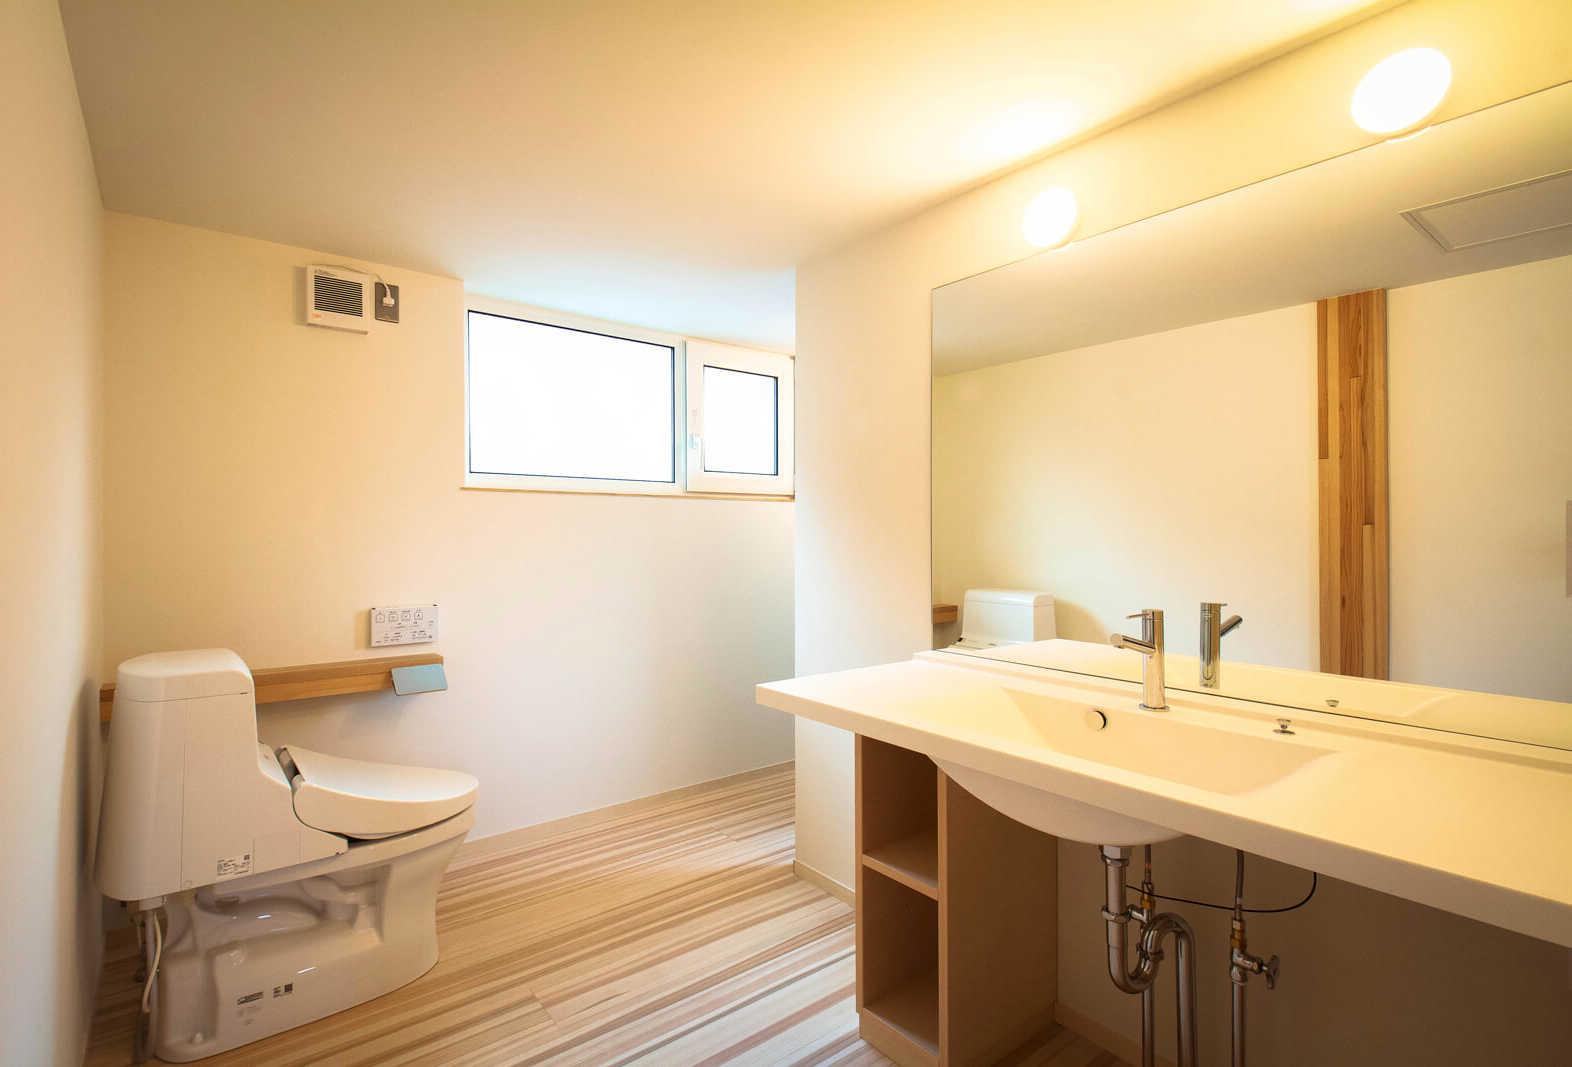 2階のトイレ兼ユーティリティ。奥に洗濯機と浴室入り口がある